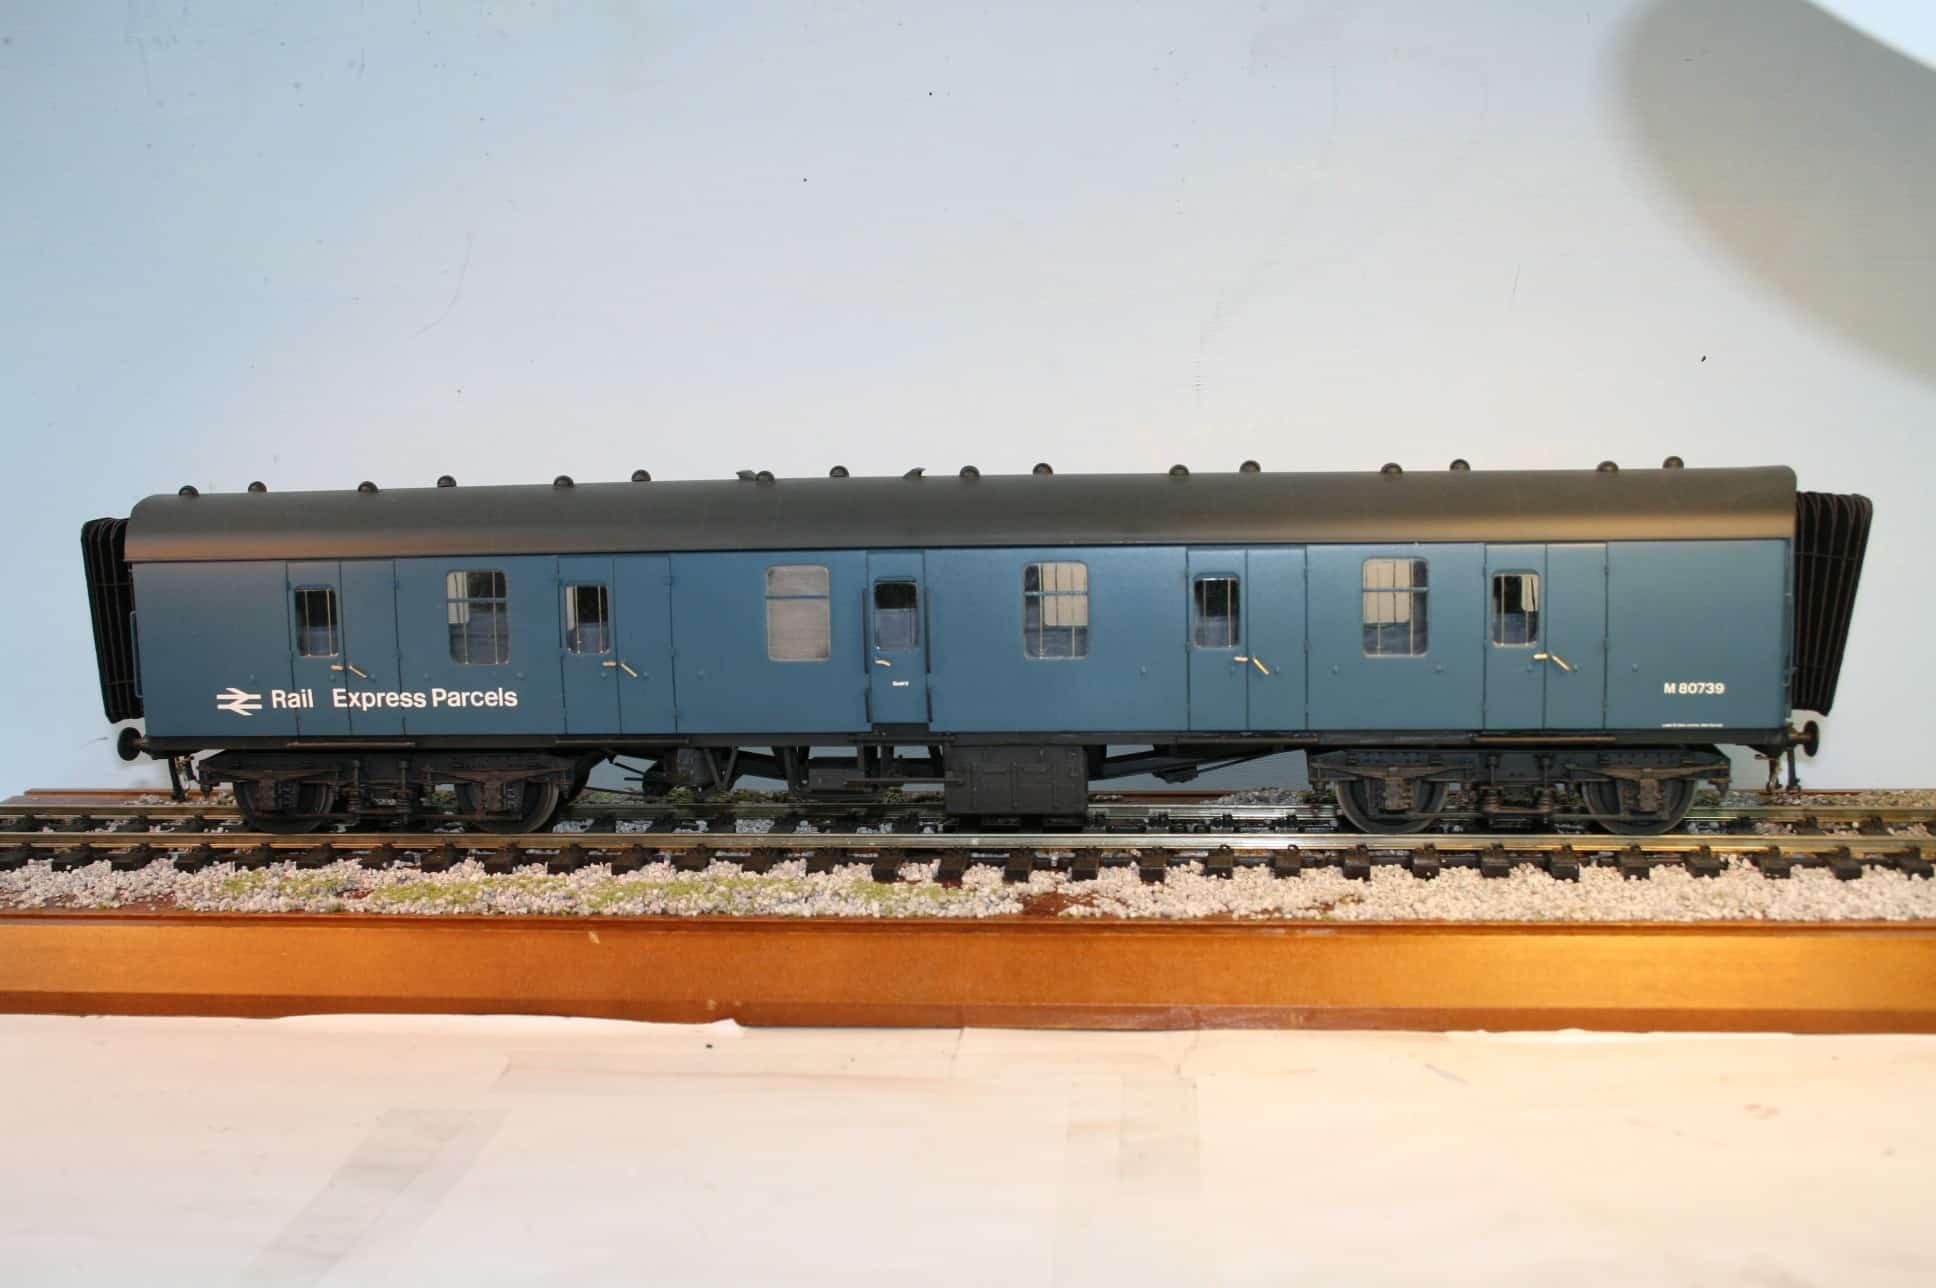 BR(M) Mk.1 Corridor Full Brake nr. M 80739 in blue livery